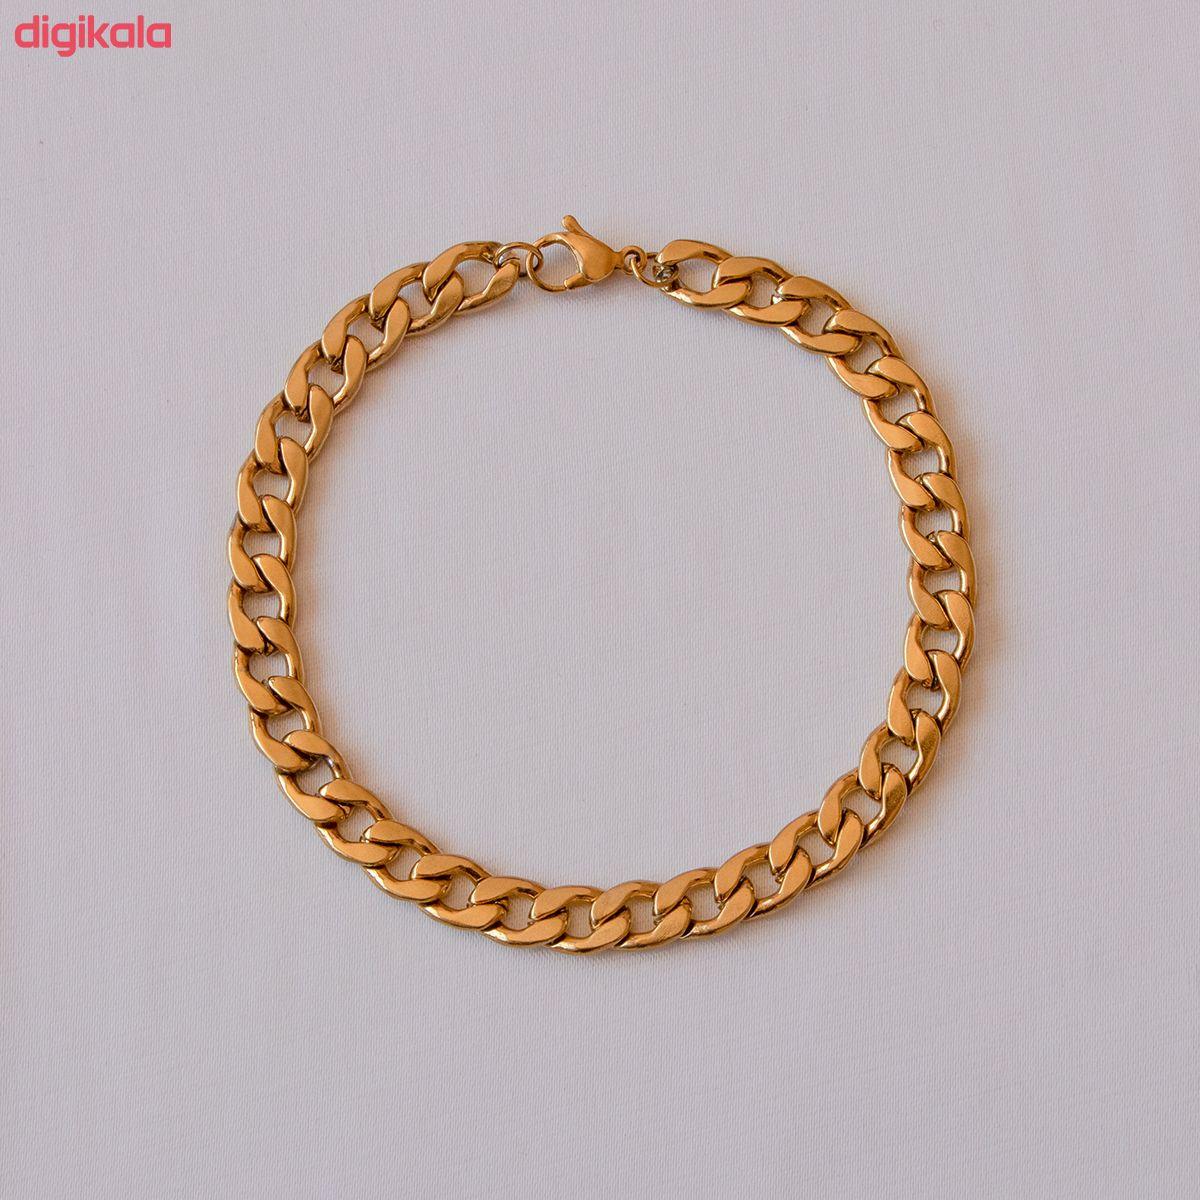 دستبند کد dd145 main 1 3